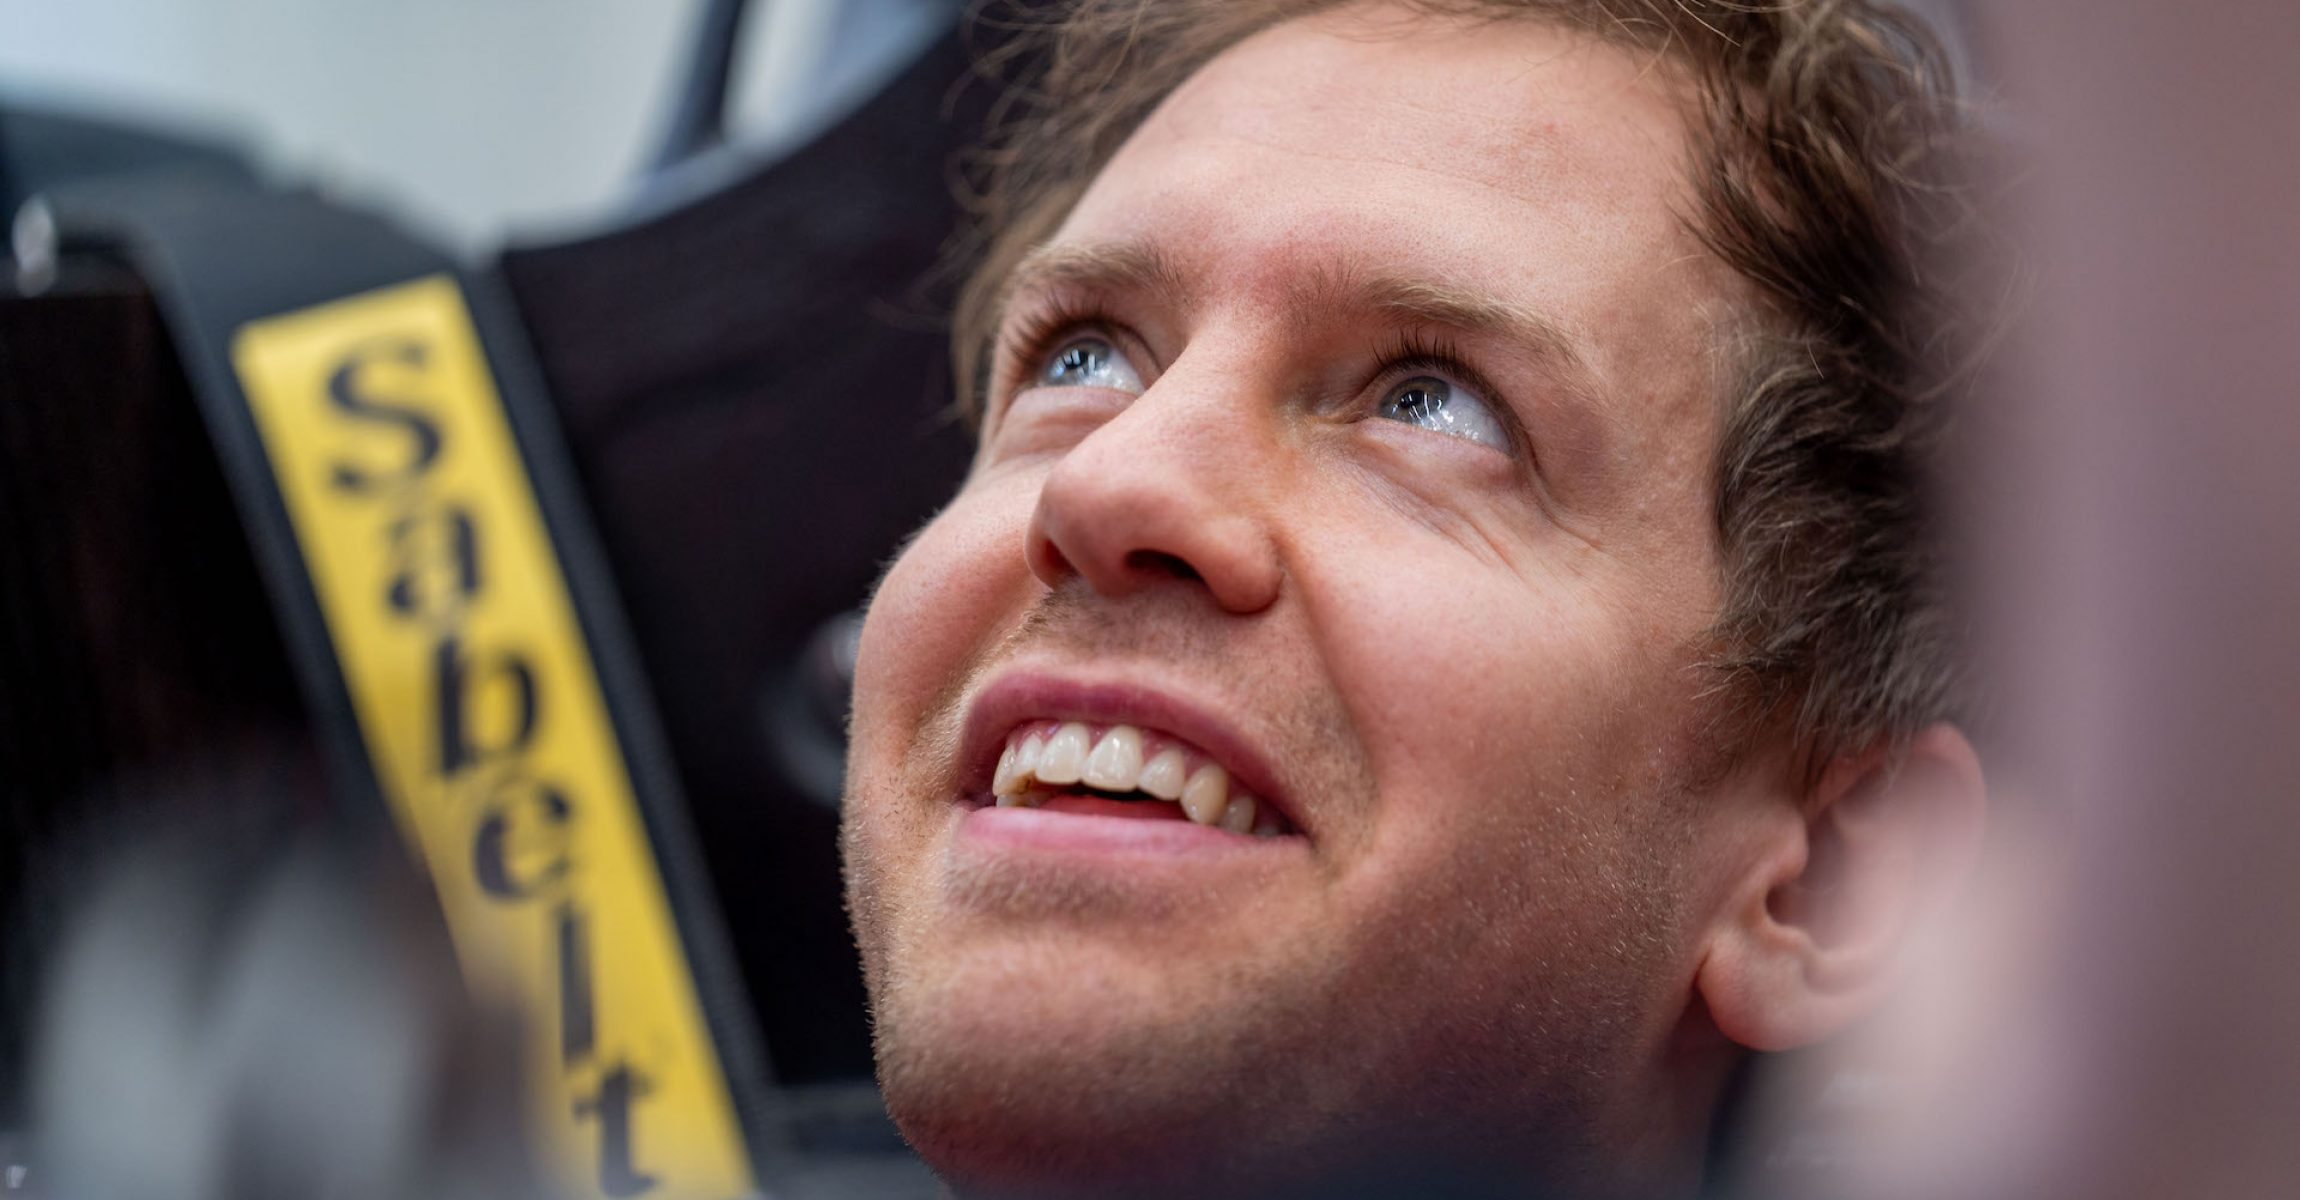 Sebastian Vettel, Ferrari, 2020 seat fit